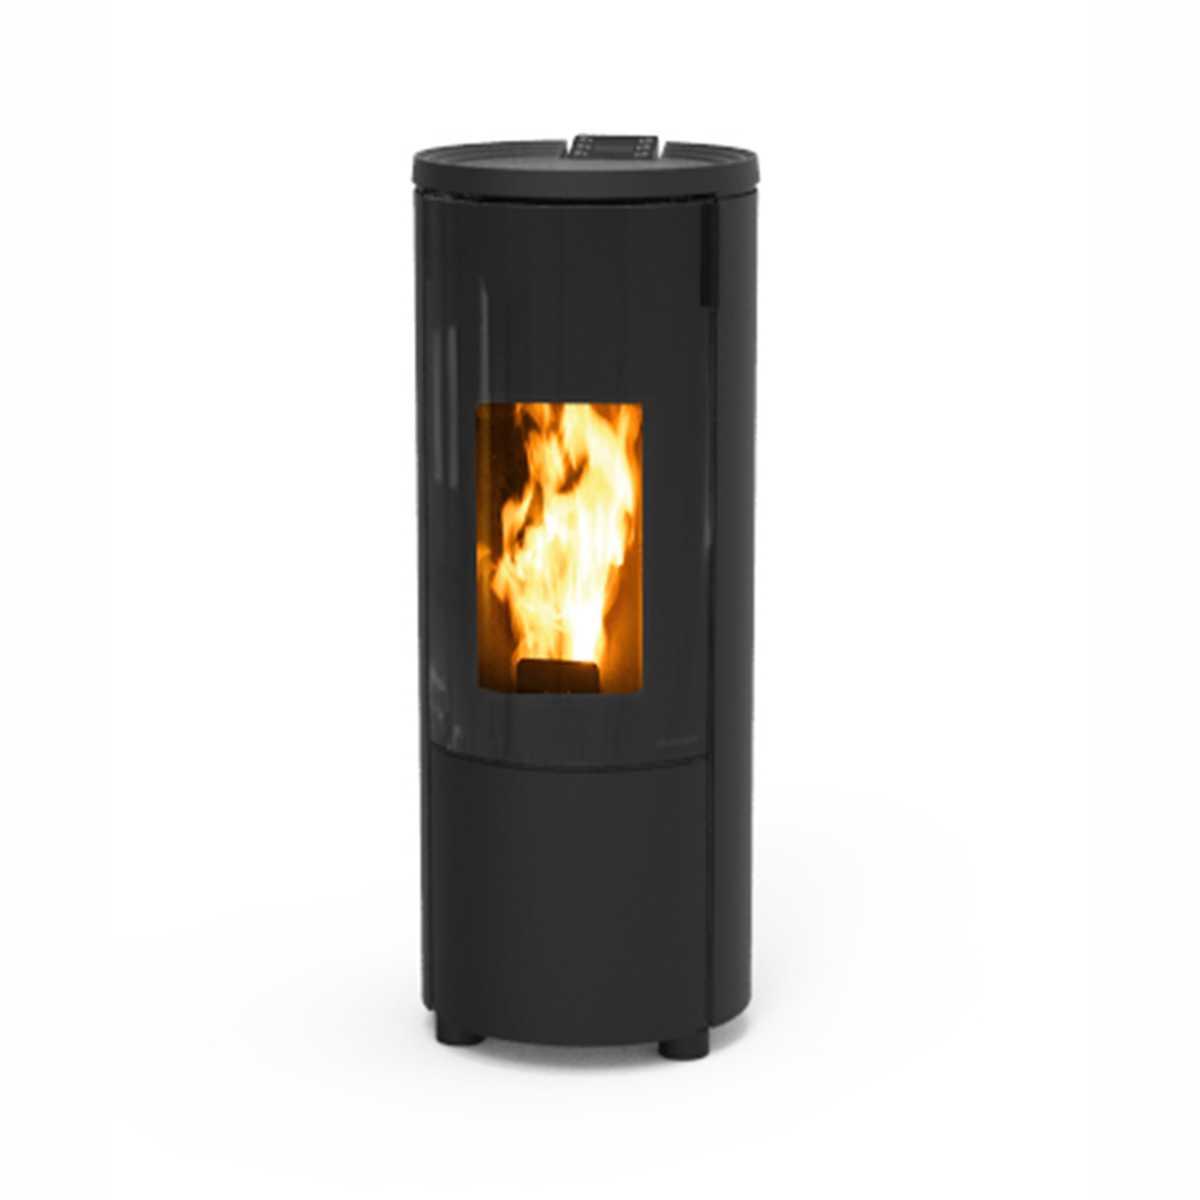 PROMO - Stufa a pellet Thermorossi Pop 9,0 kW rivestimento in metallo grigio